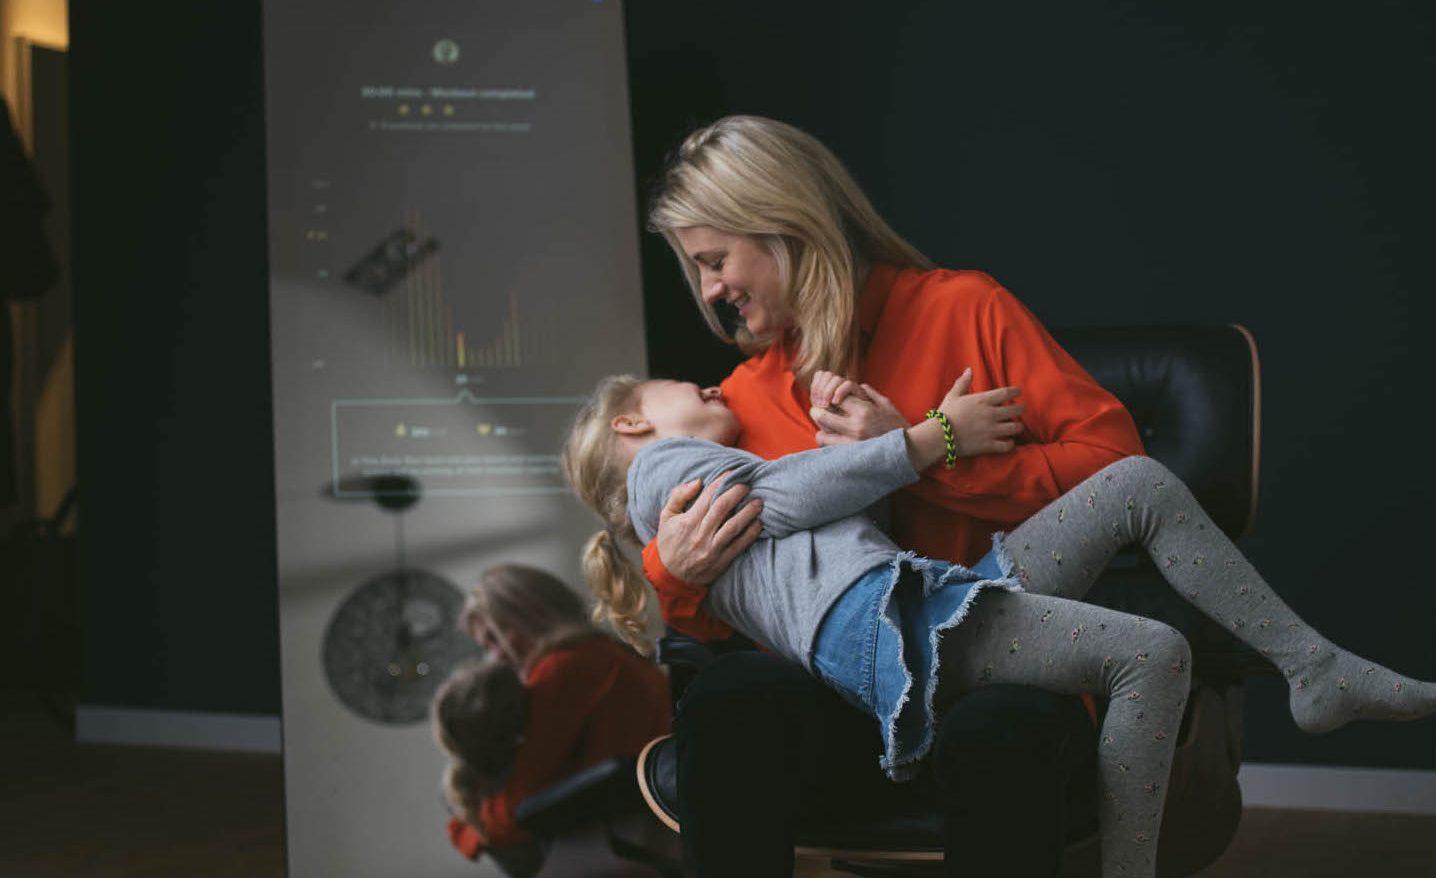 VAHA-Gründerin Valerie Bures-Bönström mit ihrer Tochter.